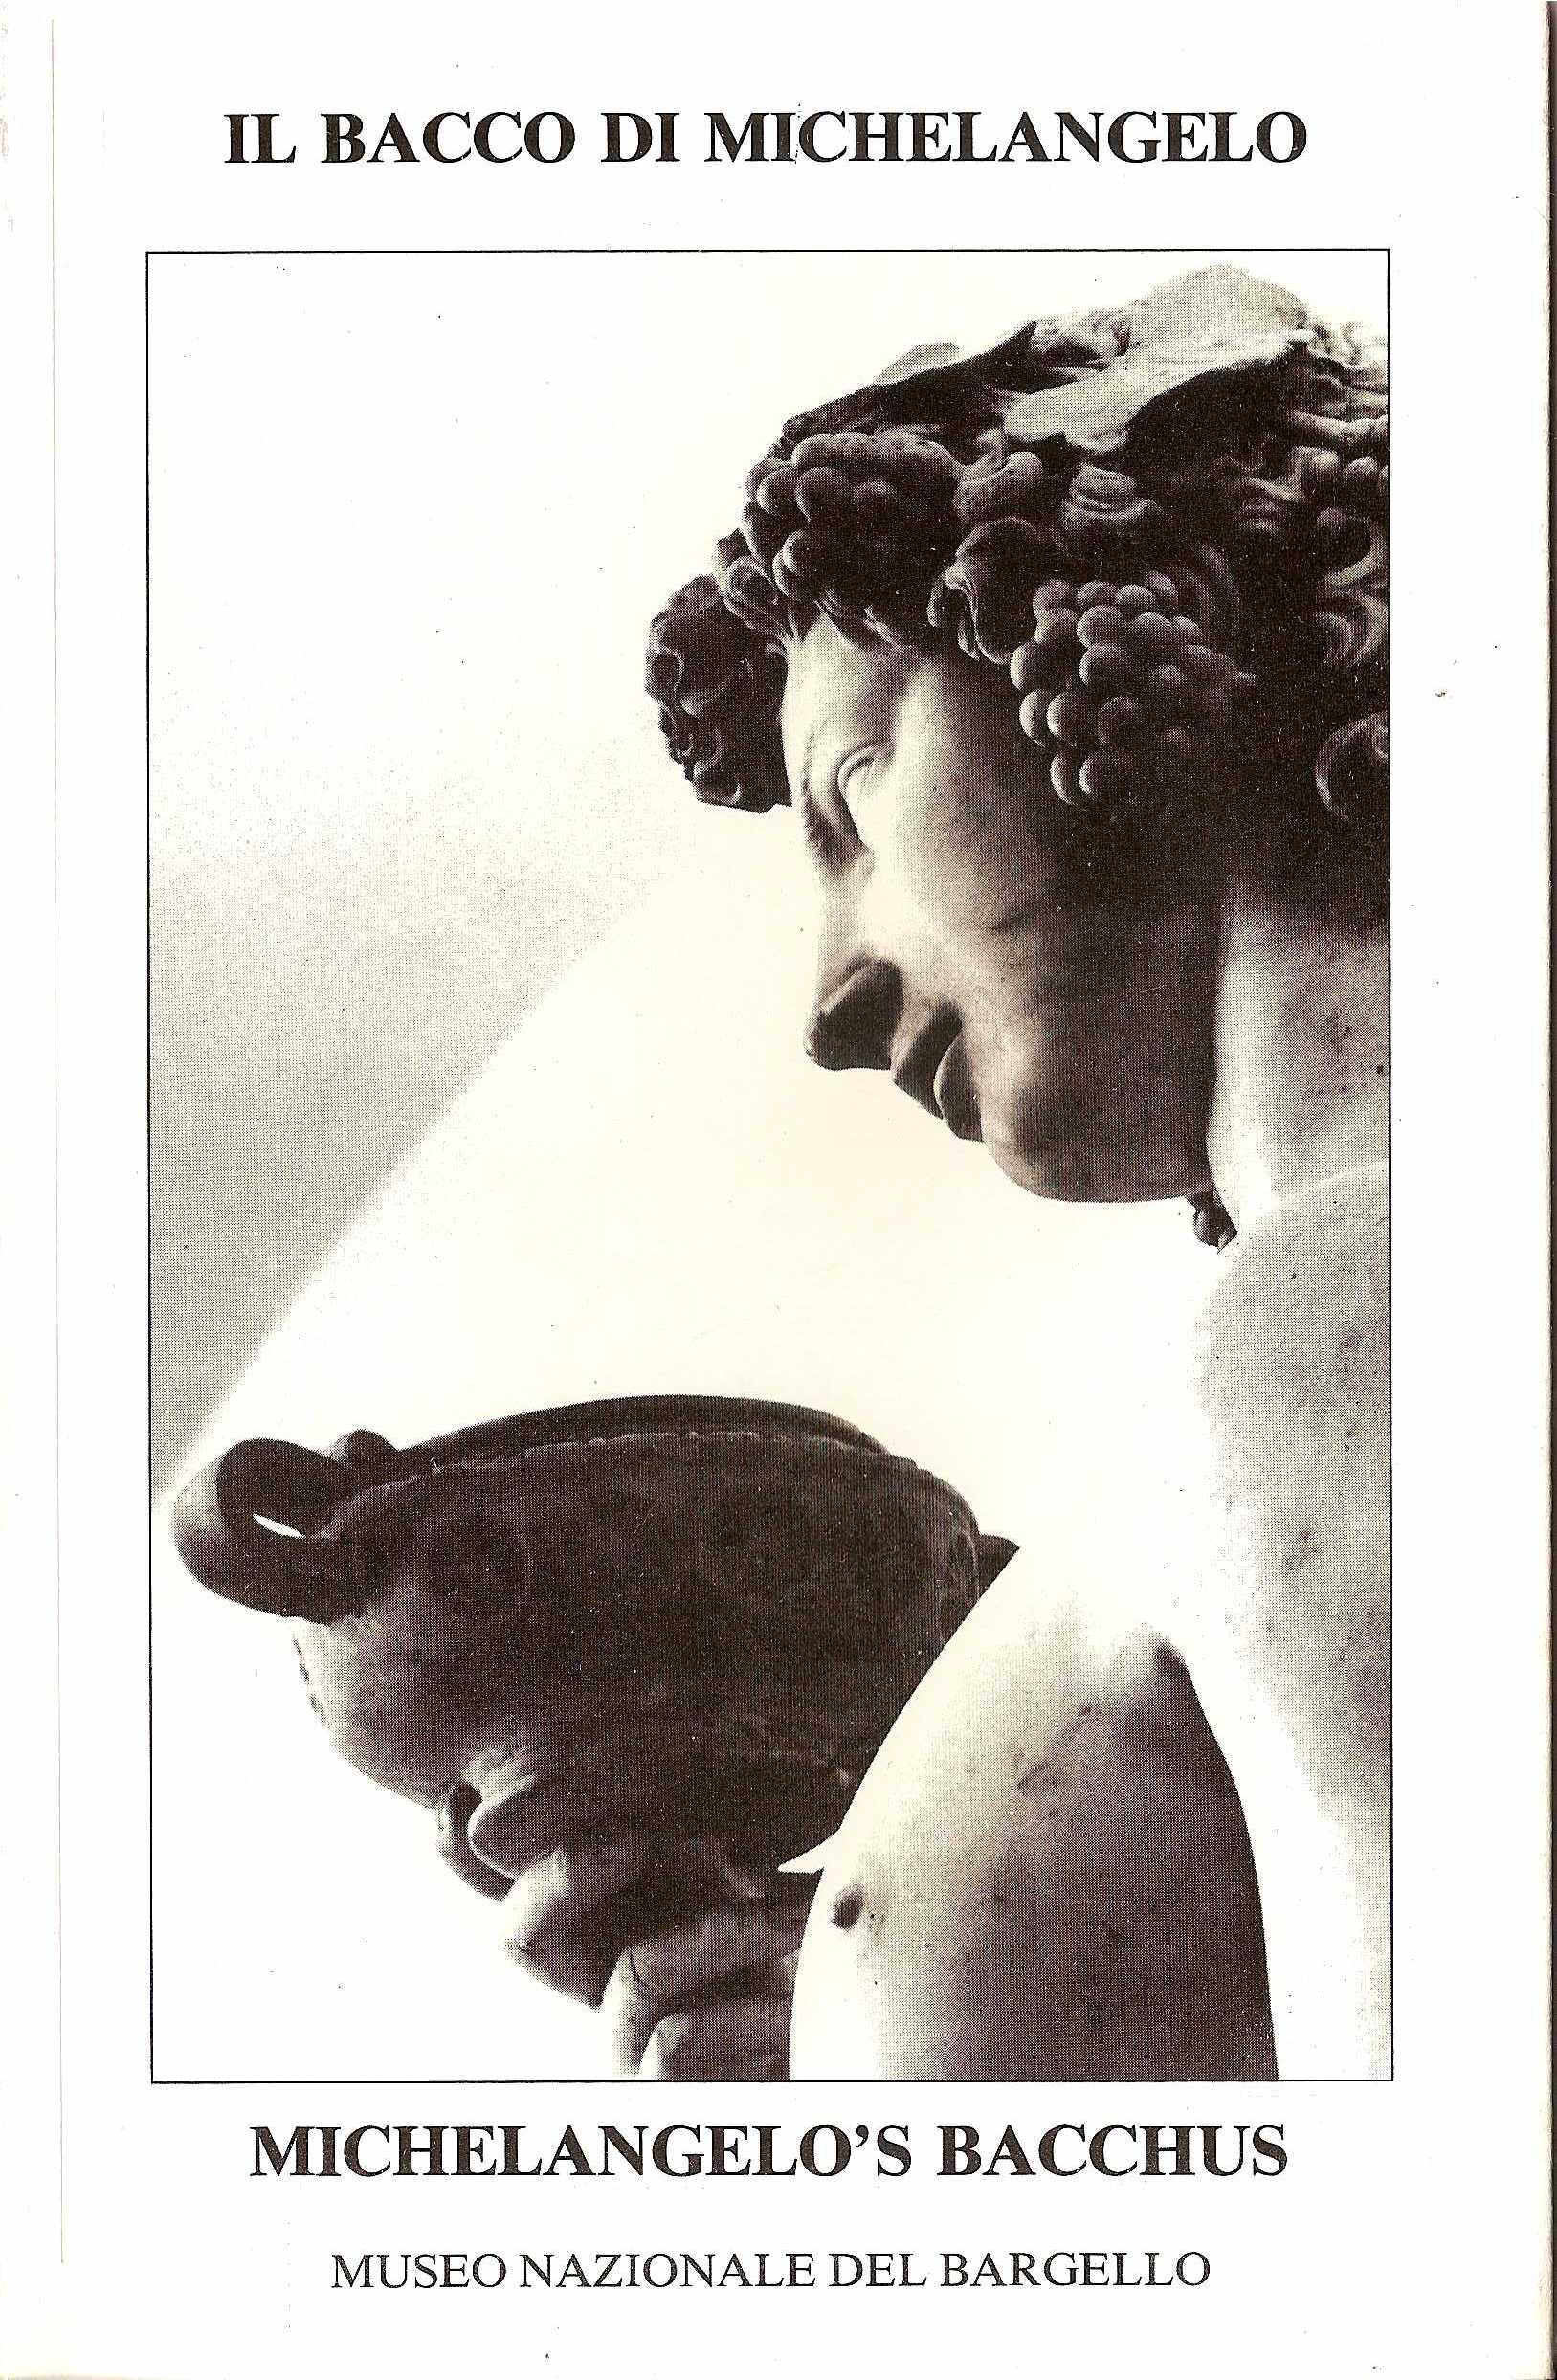 Il bacco di MichelangeloMichelangelo's Bacchus